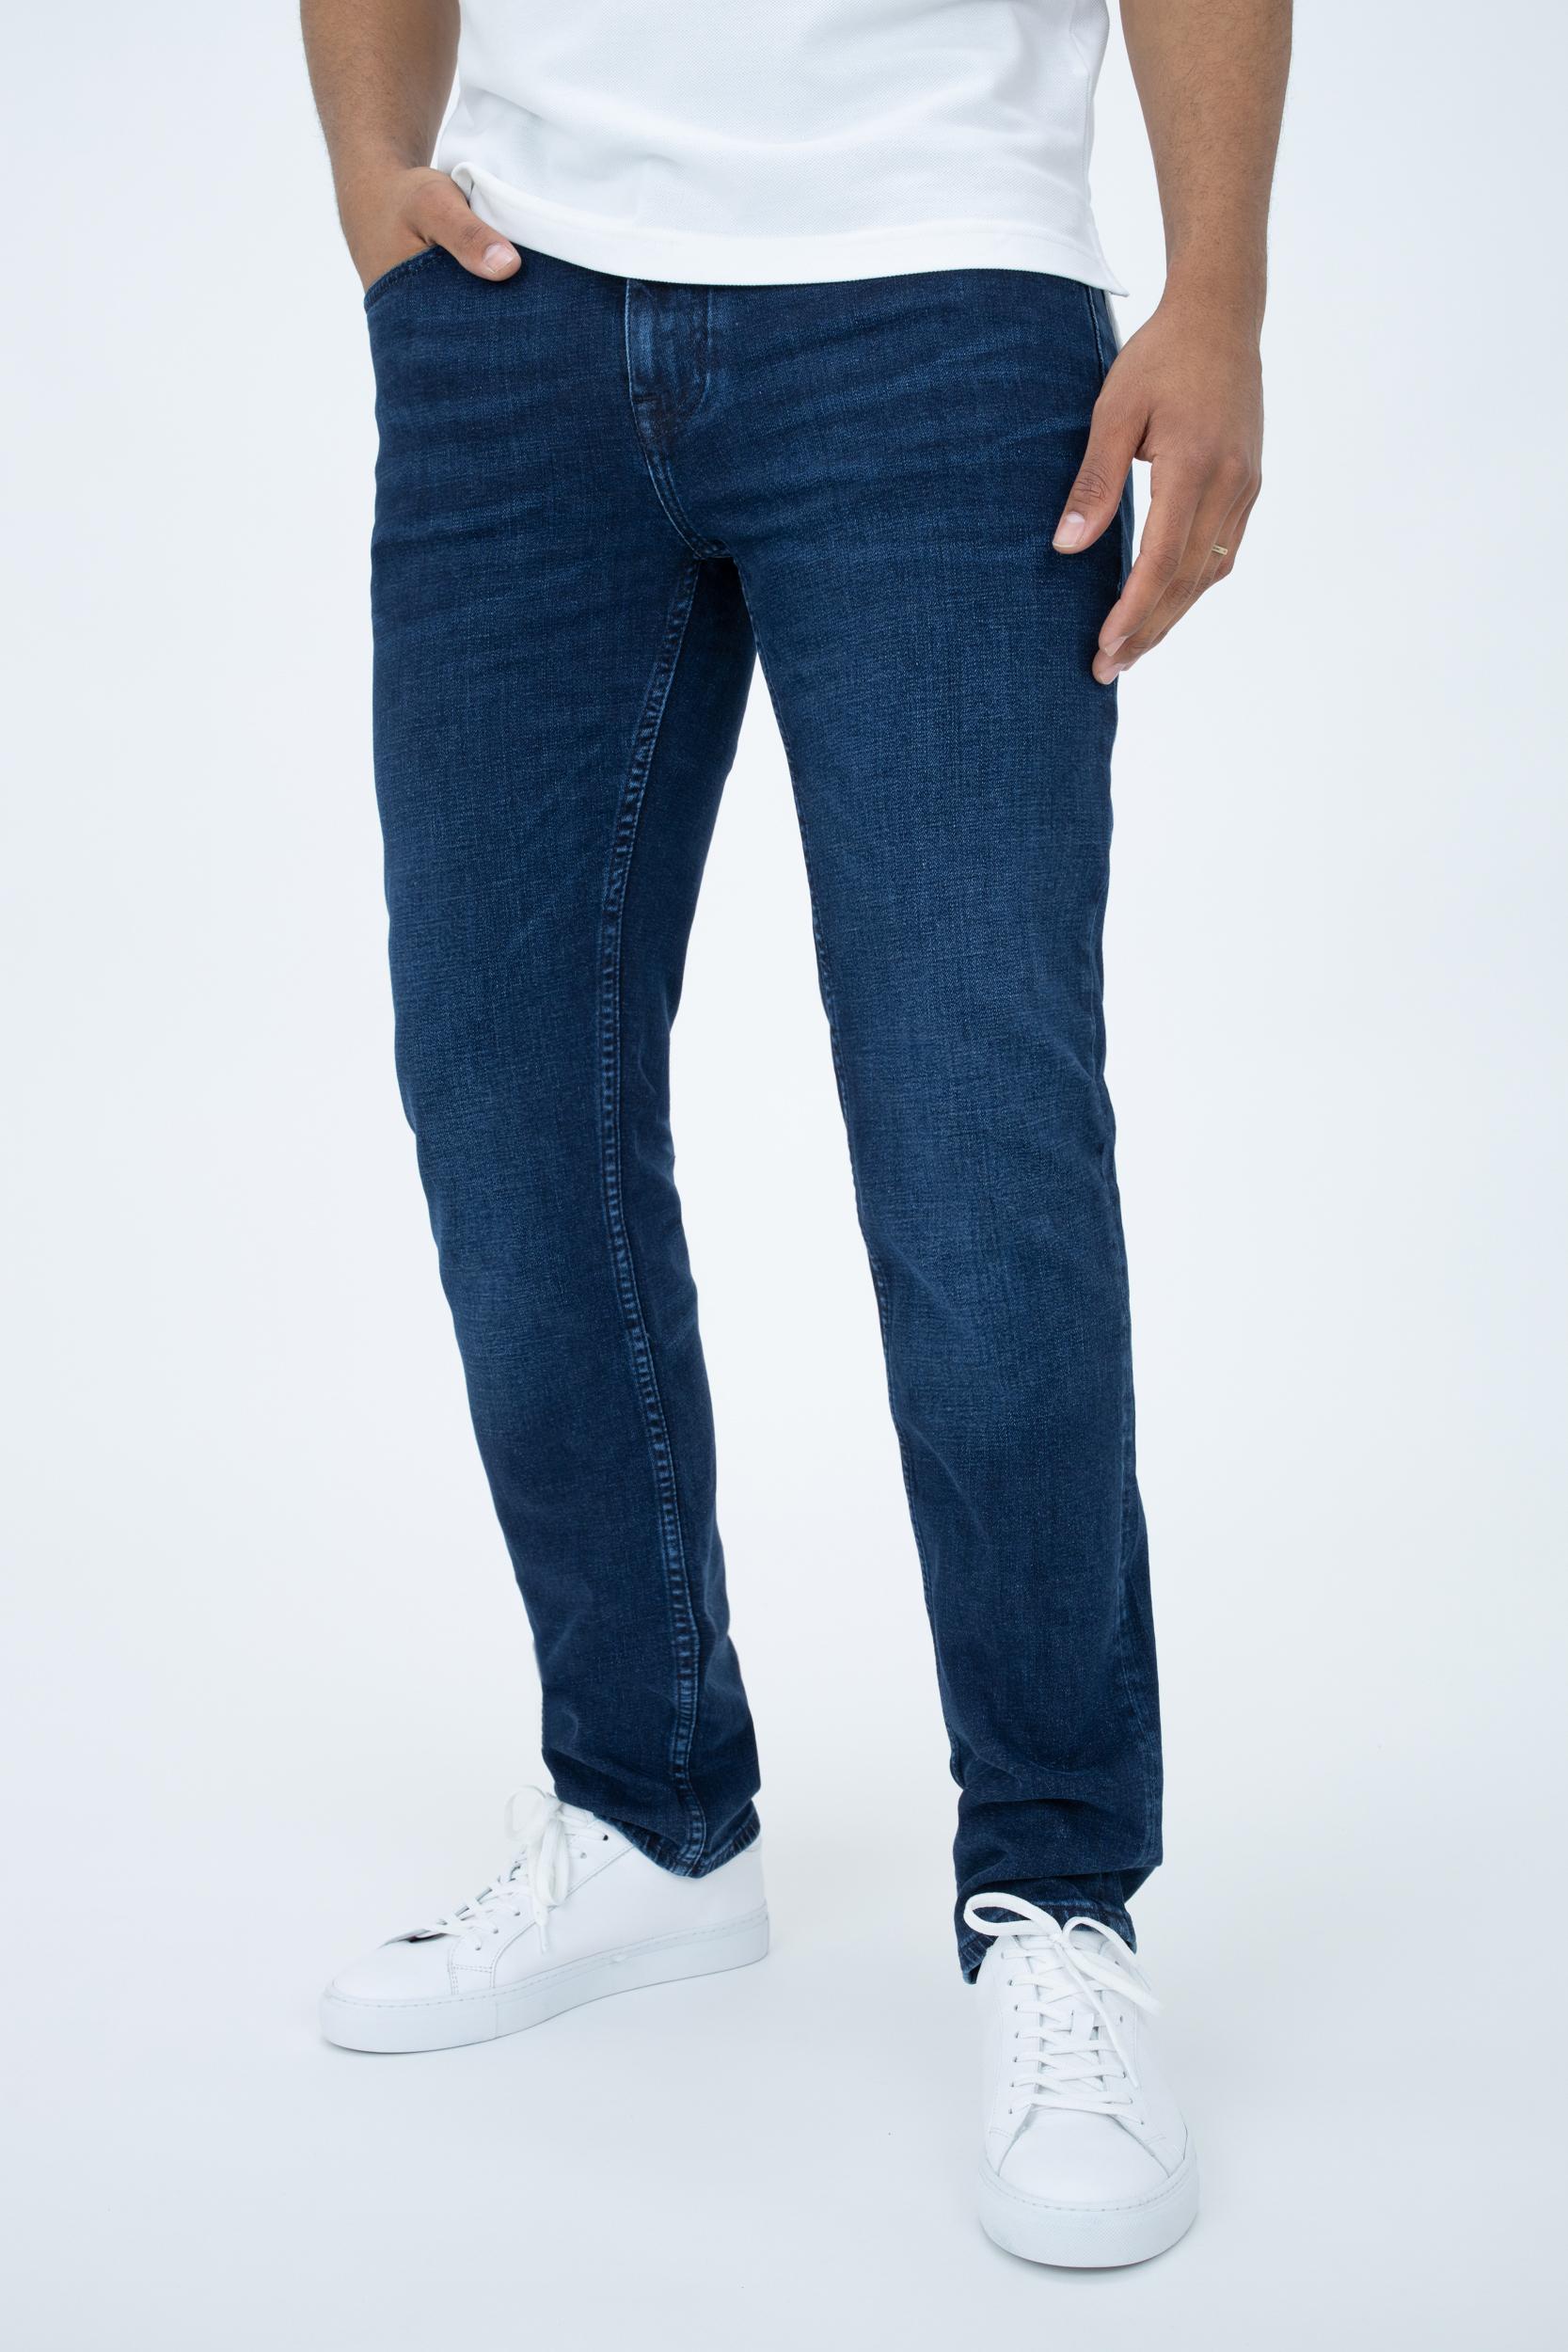 Jeans Denton Straight mit Fade-Effekt